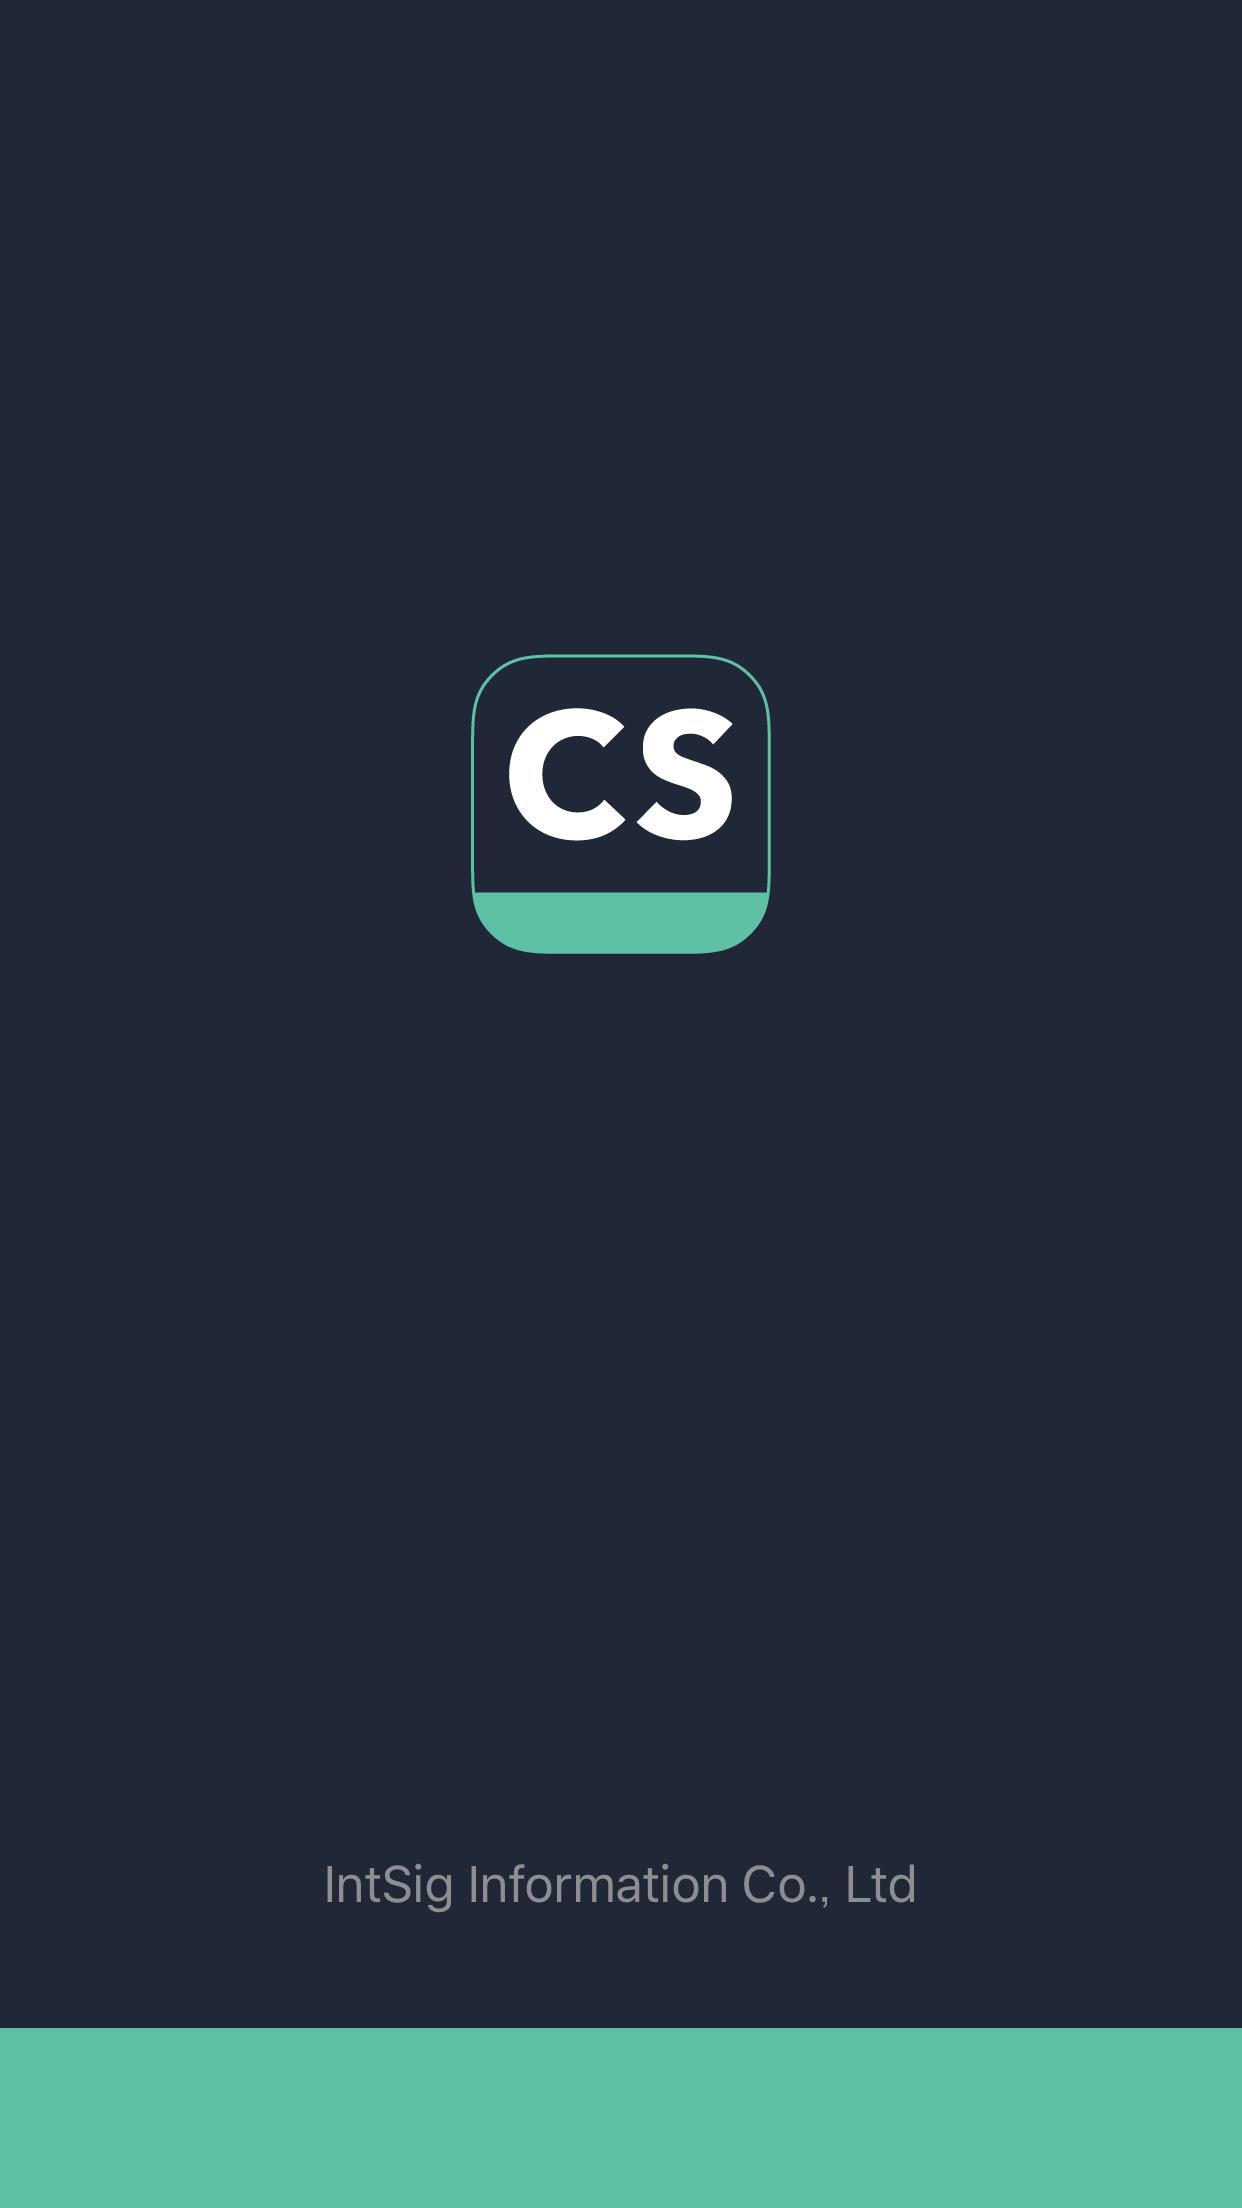 CamScannerの起動画面